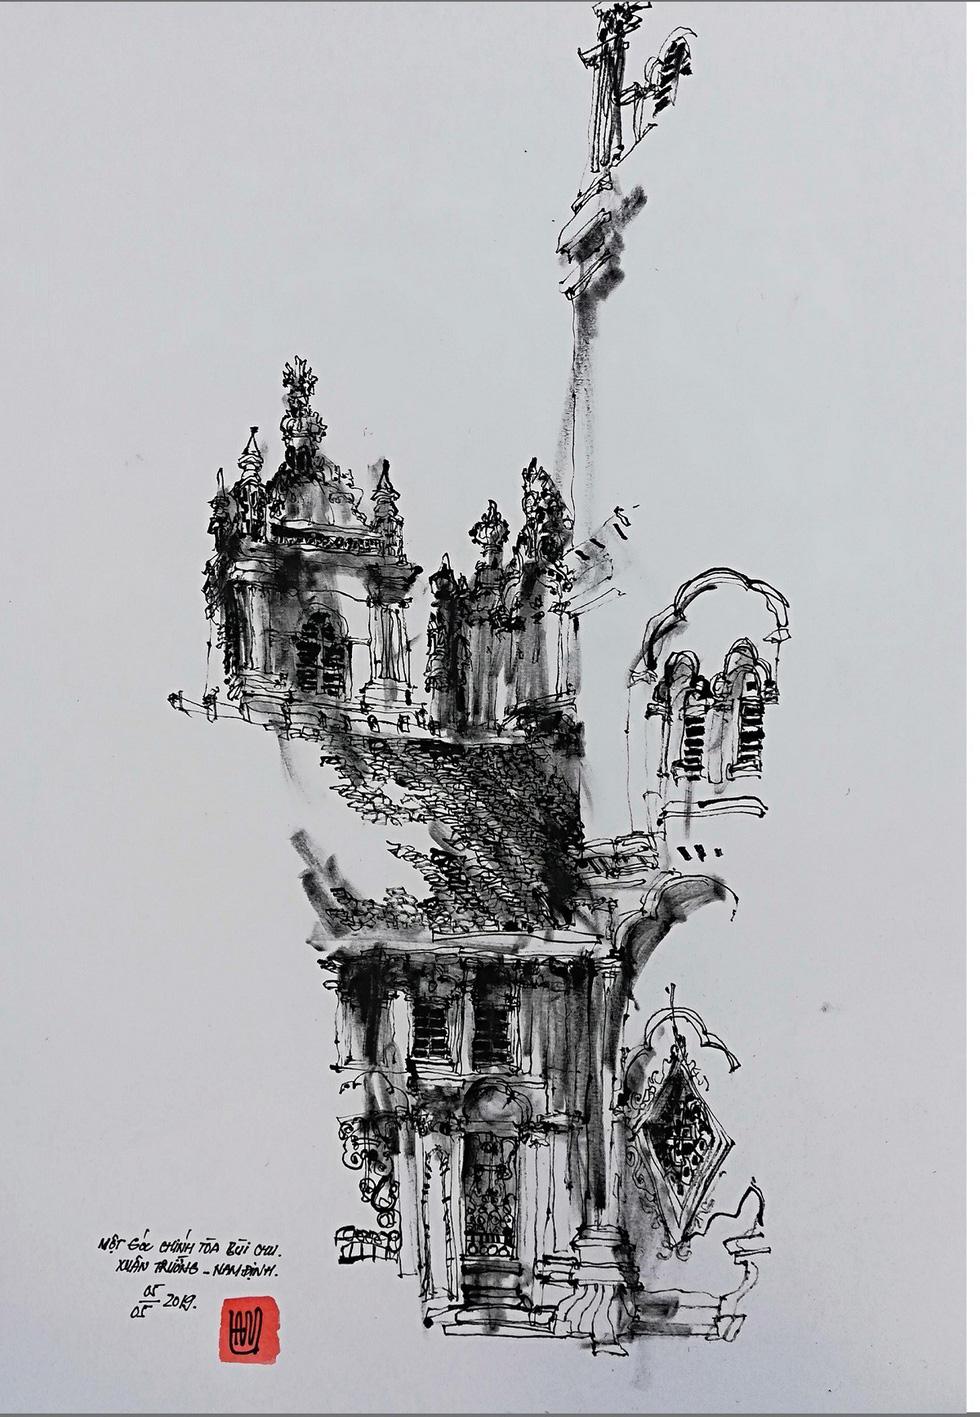 Giáo dân Bùi Chu phát hiện nhà thờ của mình lộng lẫy trên... ký họa - Ảnh 8.